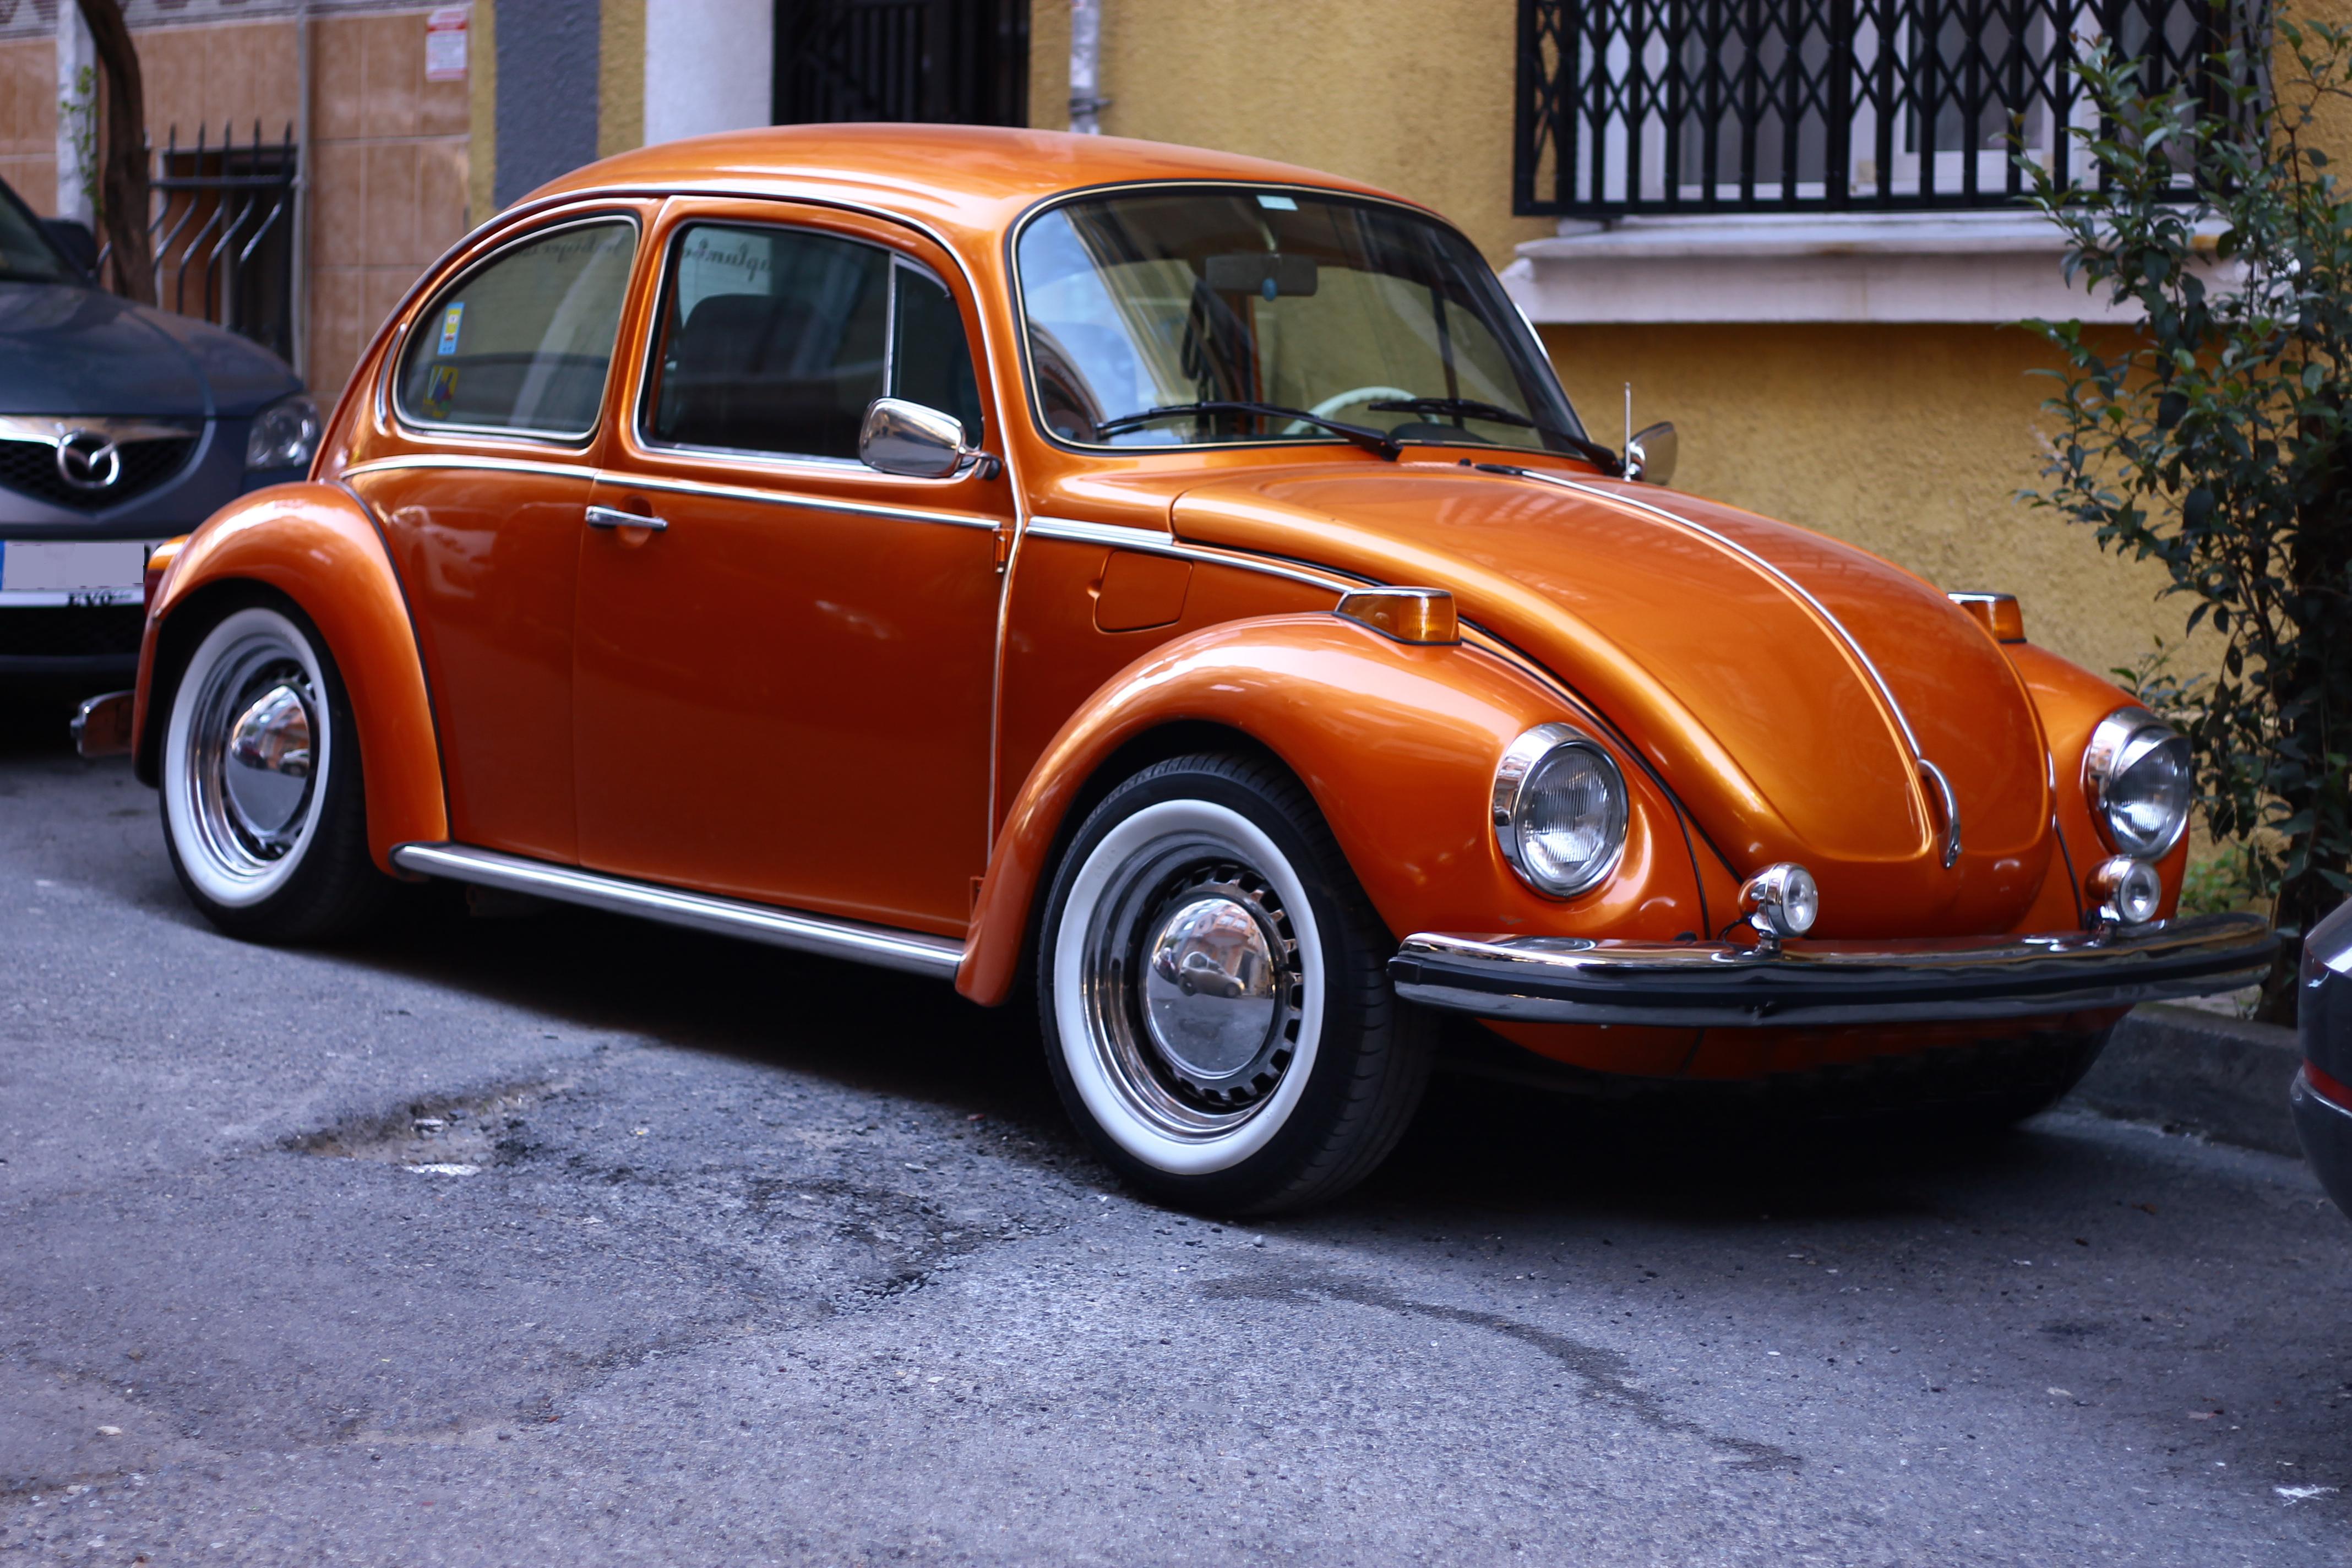 Photography of Orange Volkswagen Beetle